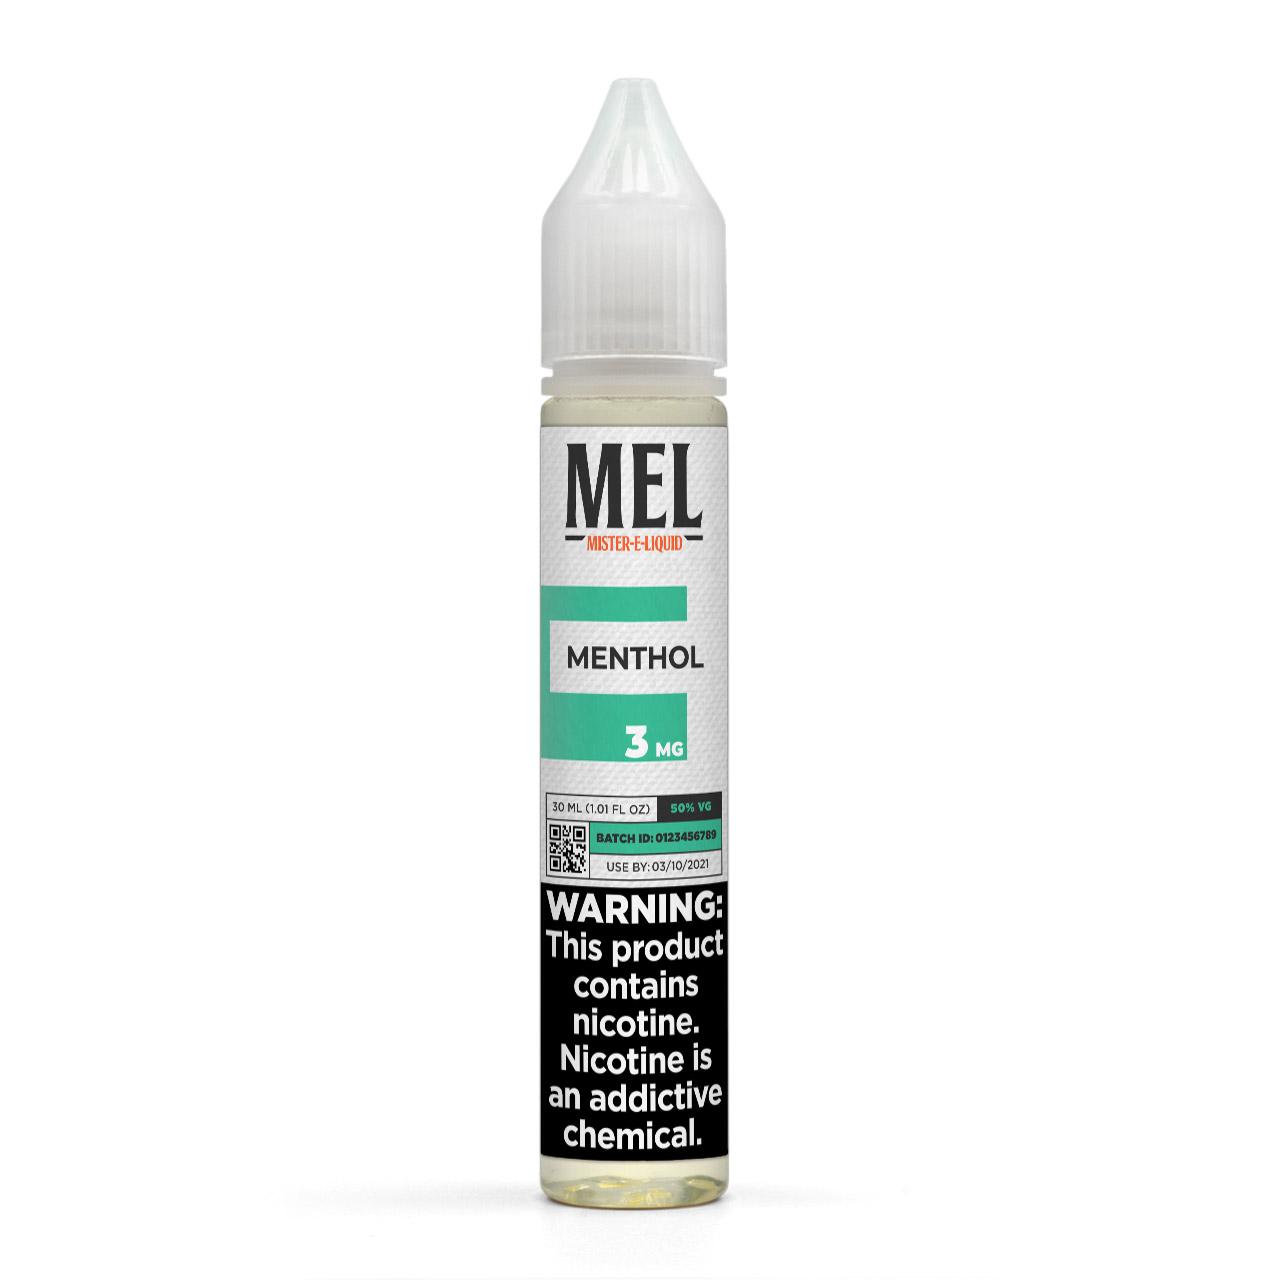 MEL Menthol Vape Juice, 3 mg